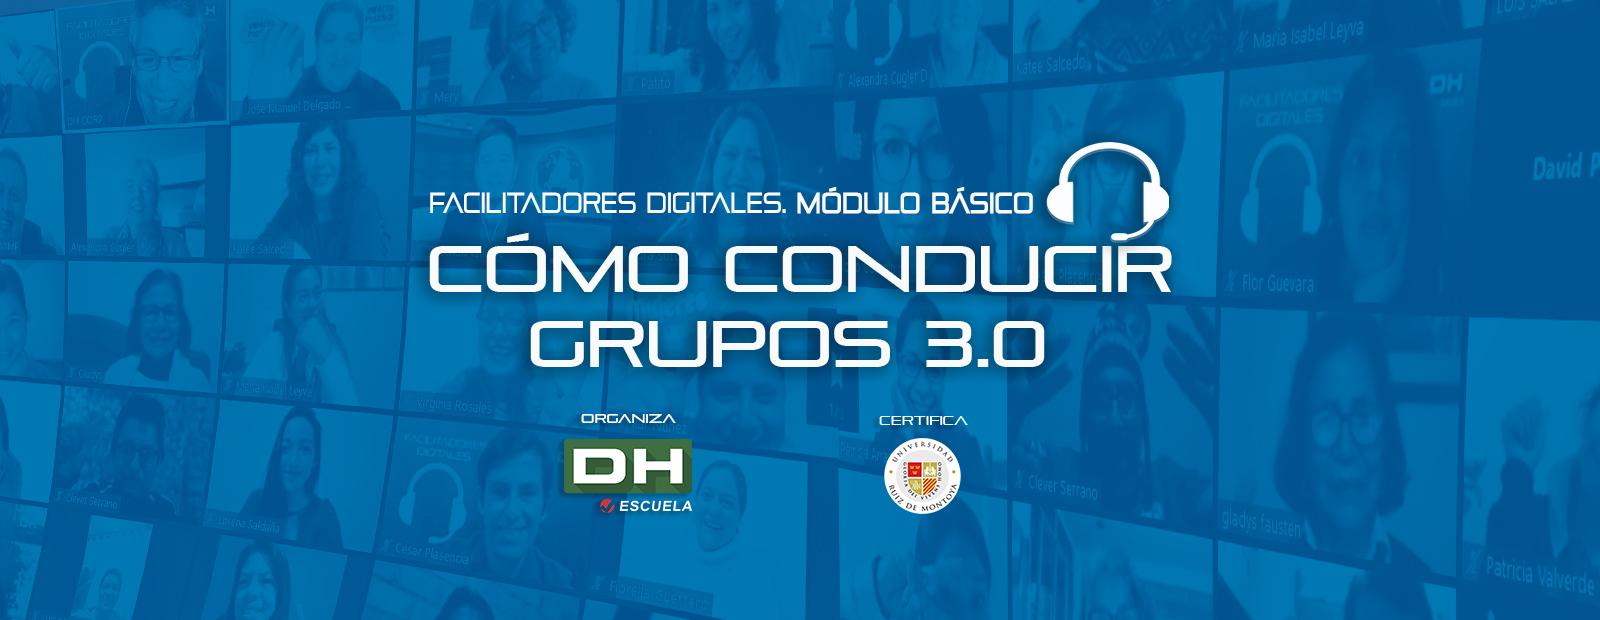 Módulo Básico CÓMO CONDUCIR GRUPOS 3.0